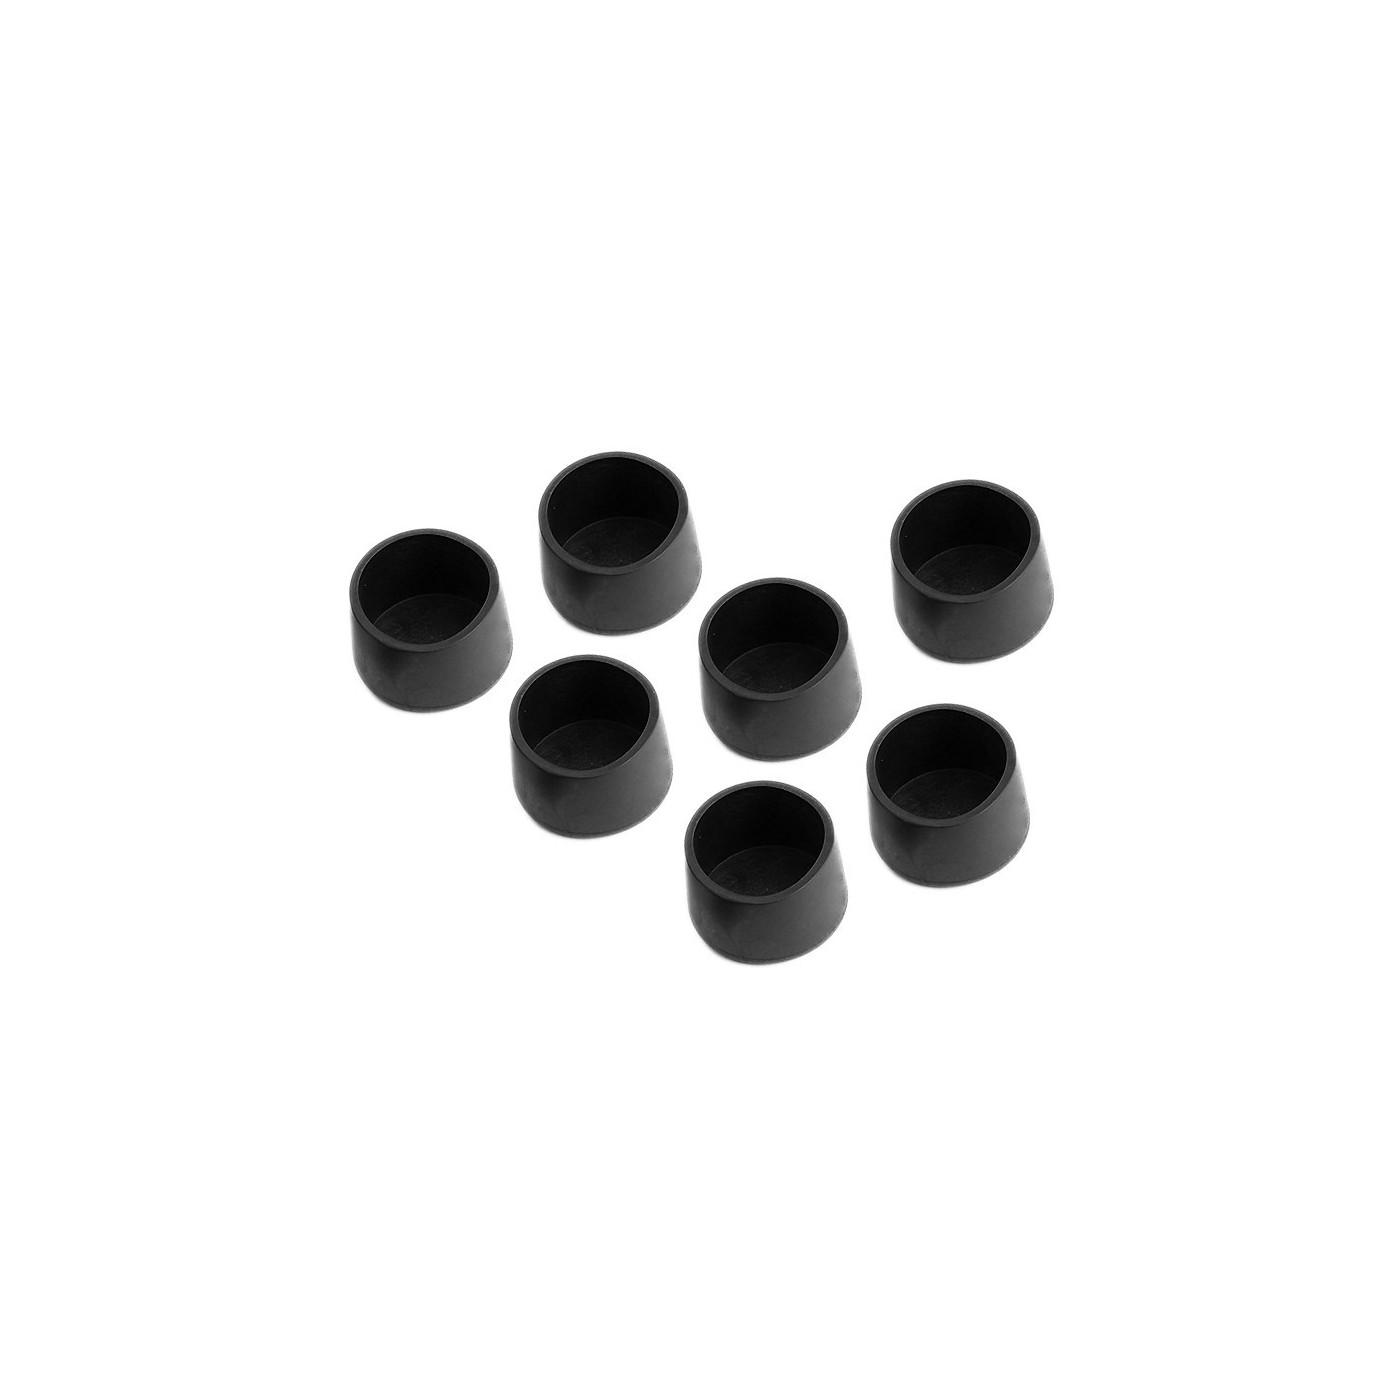 Set von 32 silikonkappen (Außenkappe, rund, 35 mm, schwarz) [O-RO-35-B]  - 1